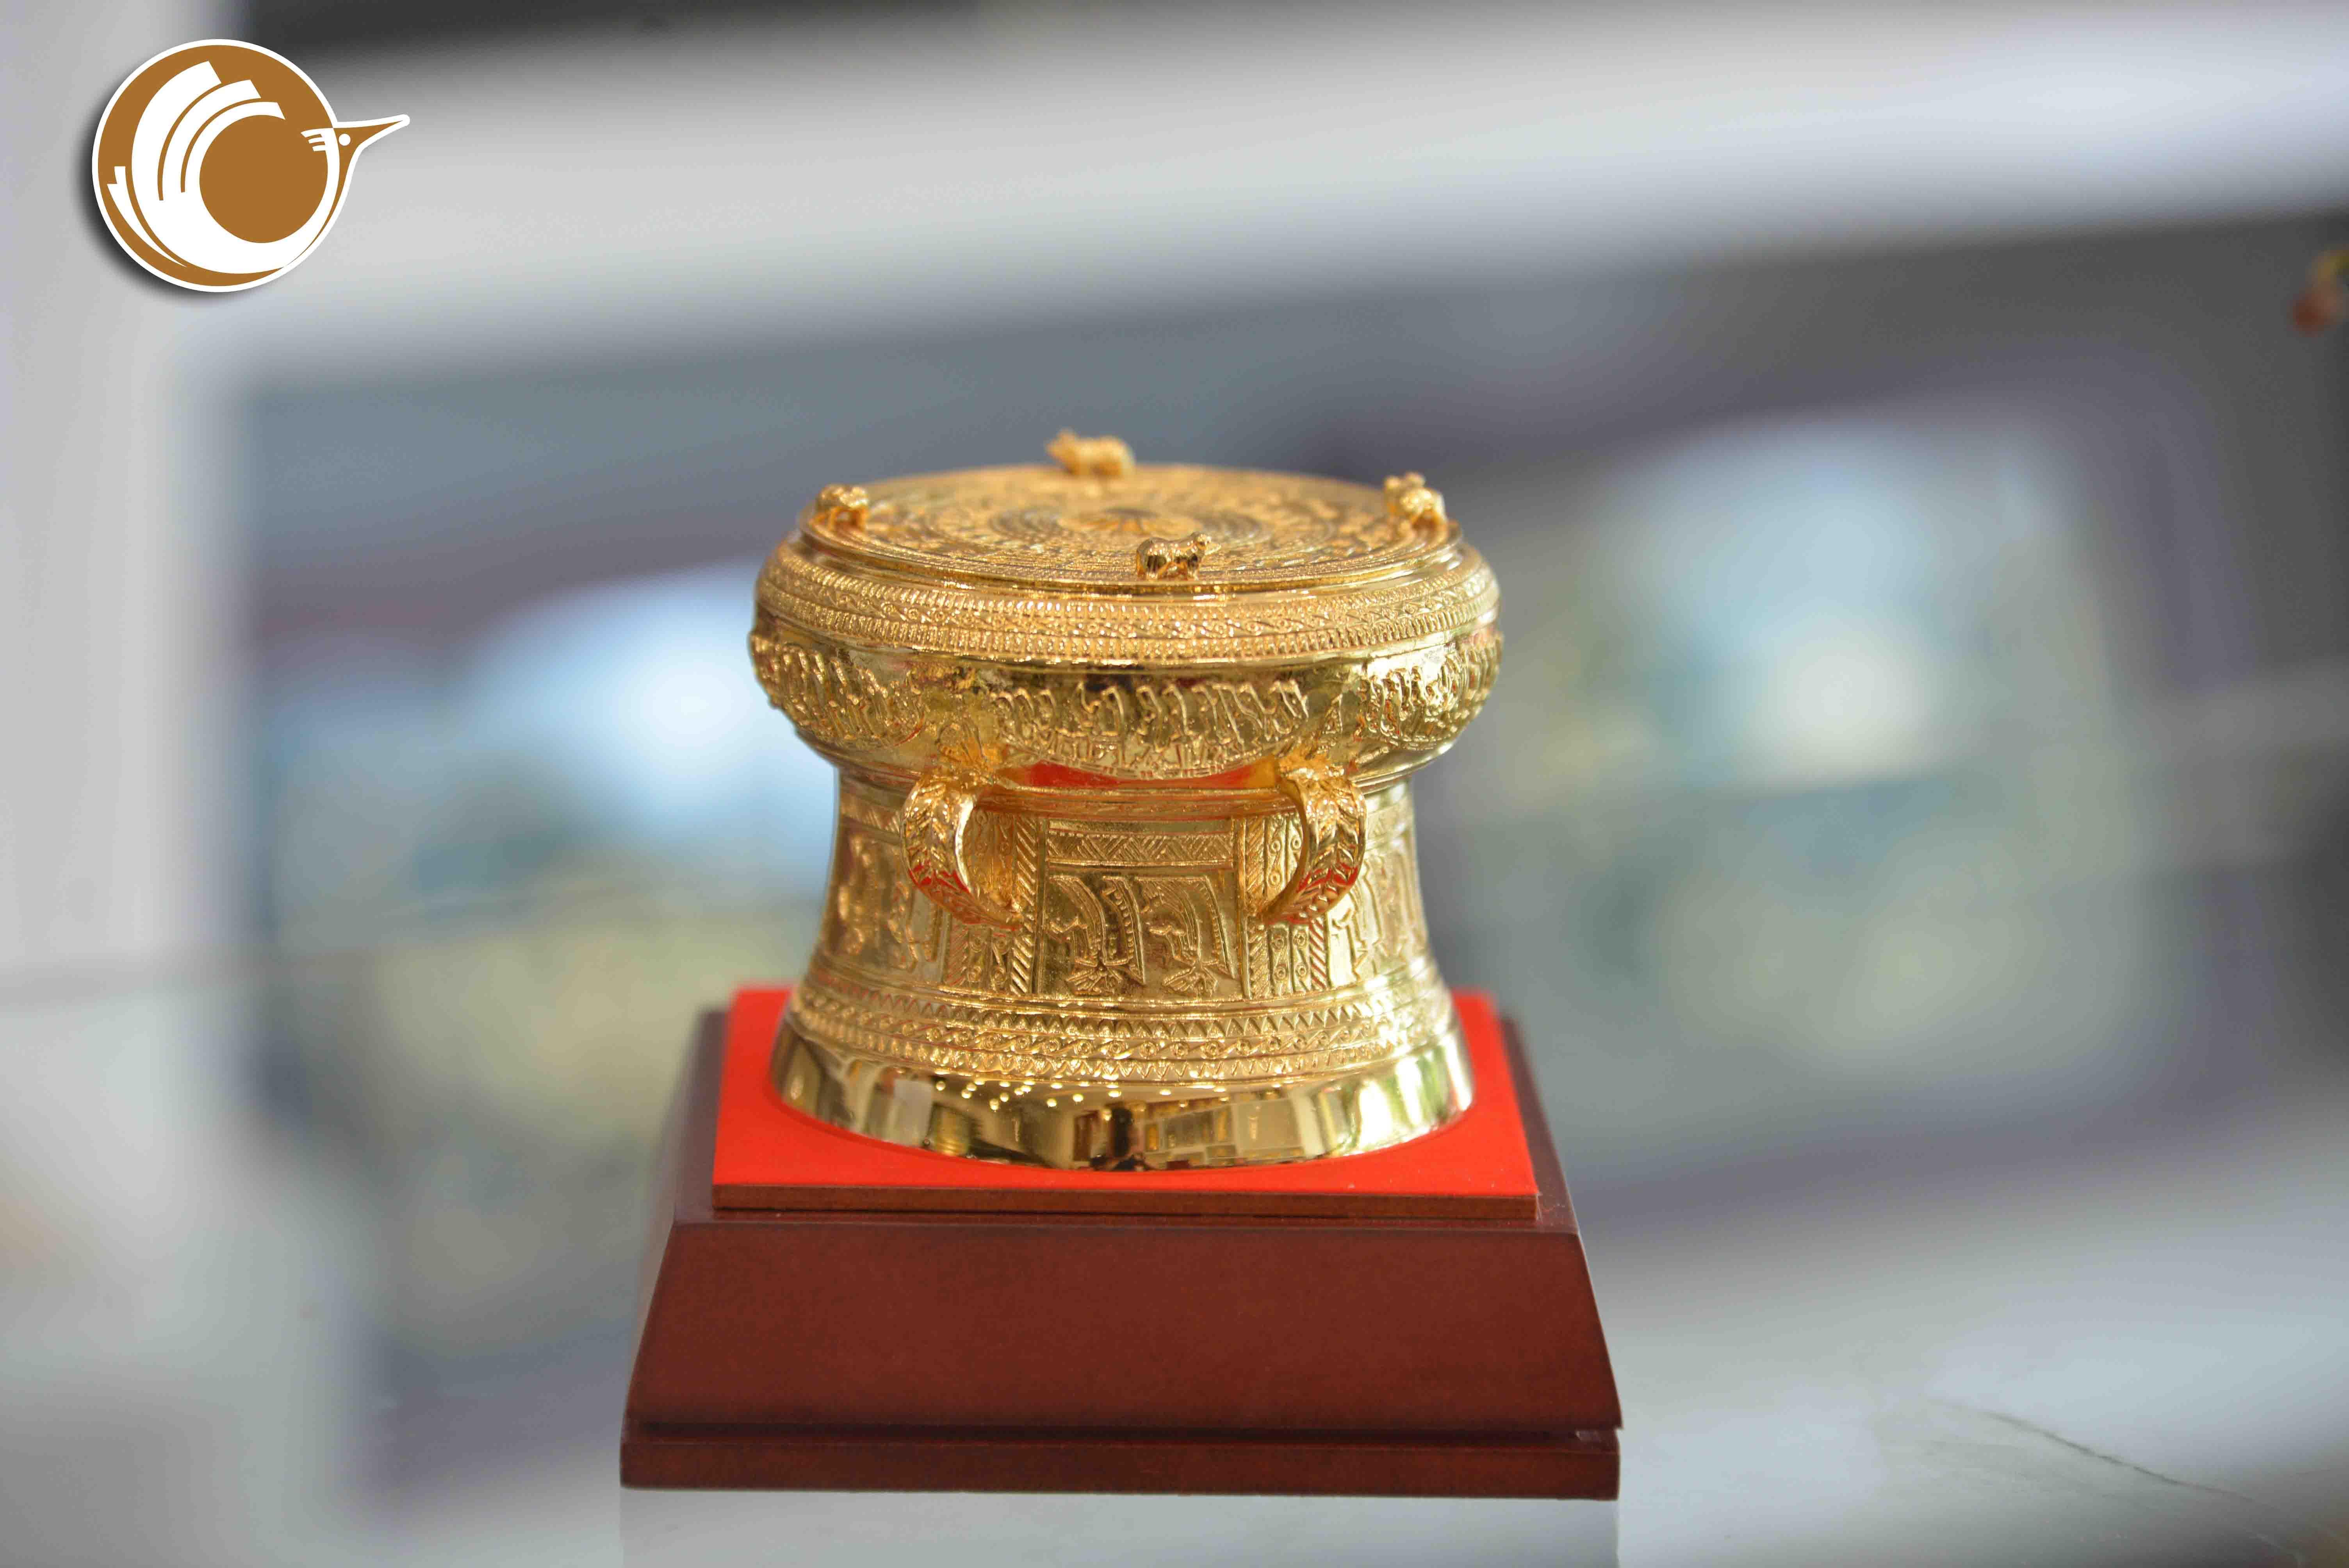 Giá bán trống đồng quà tặng mạ vàng dk 9cm, trống đồng quà tặng giá rẻ